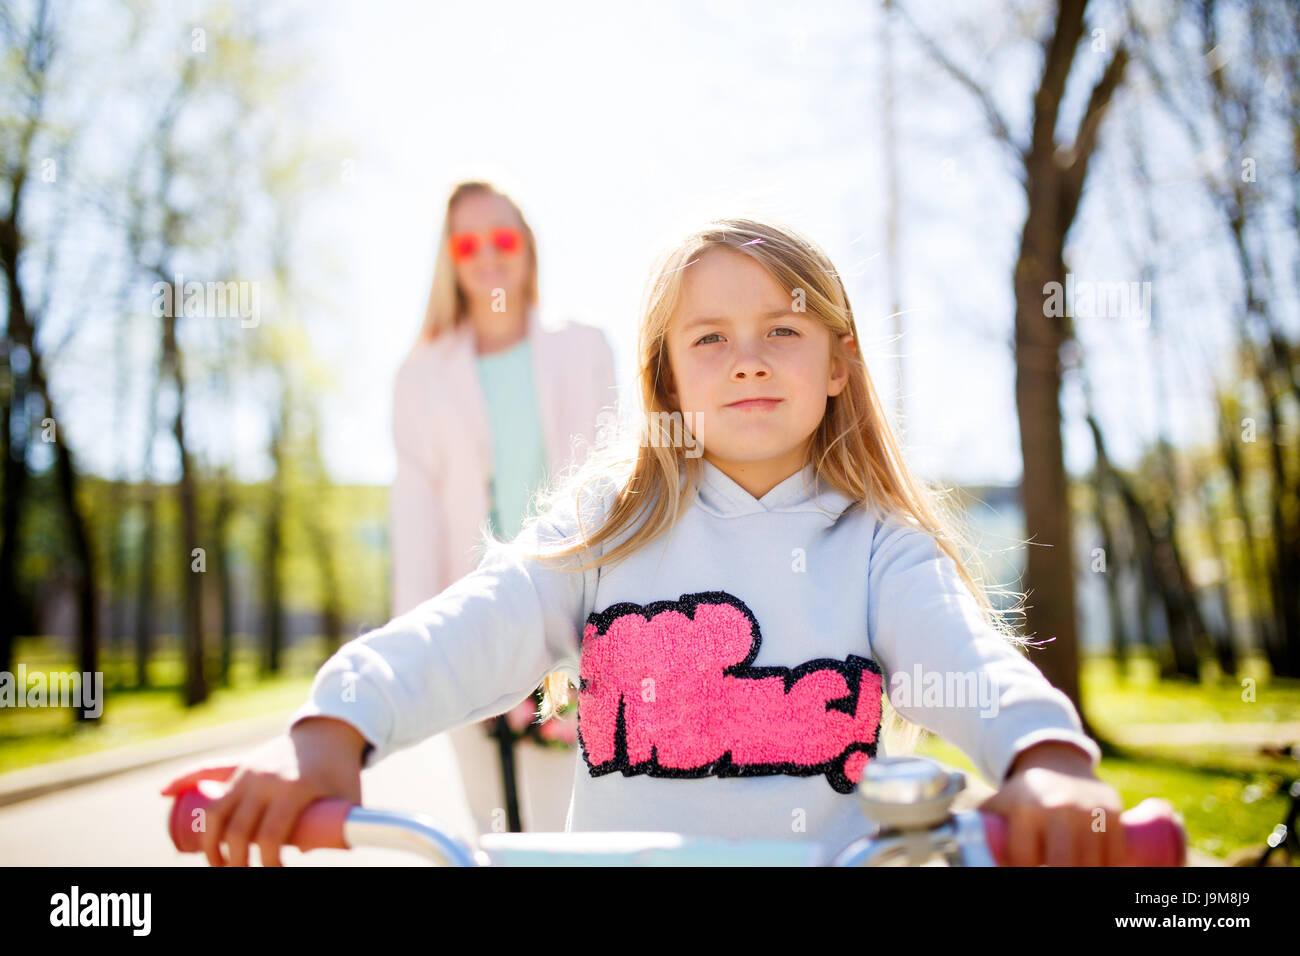 Chica en bicicleta en el parque Foto de stock